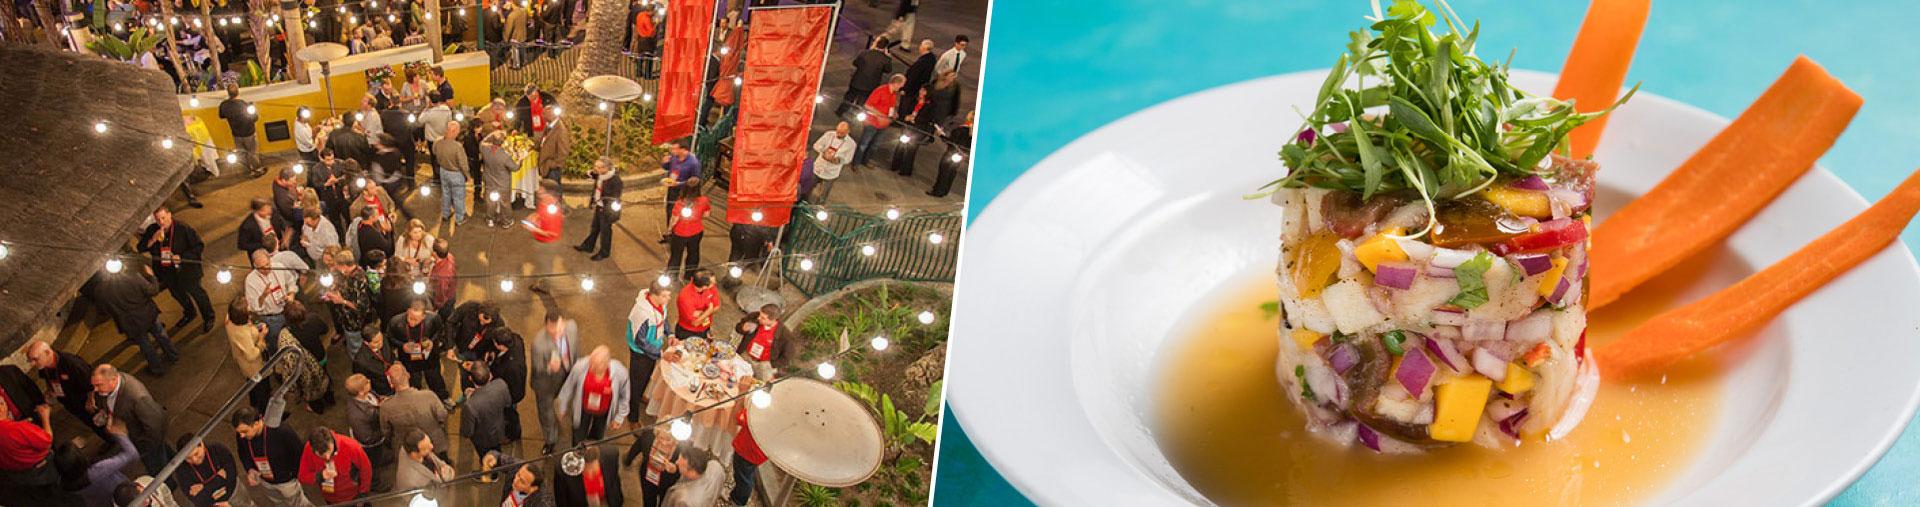 Tortilla Jo's private event space and ceviche